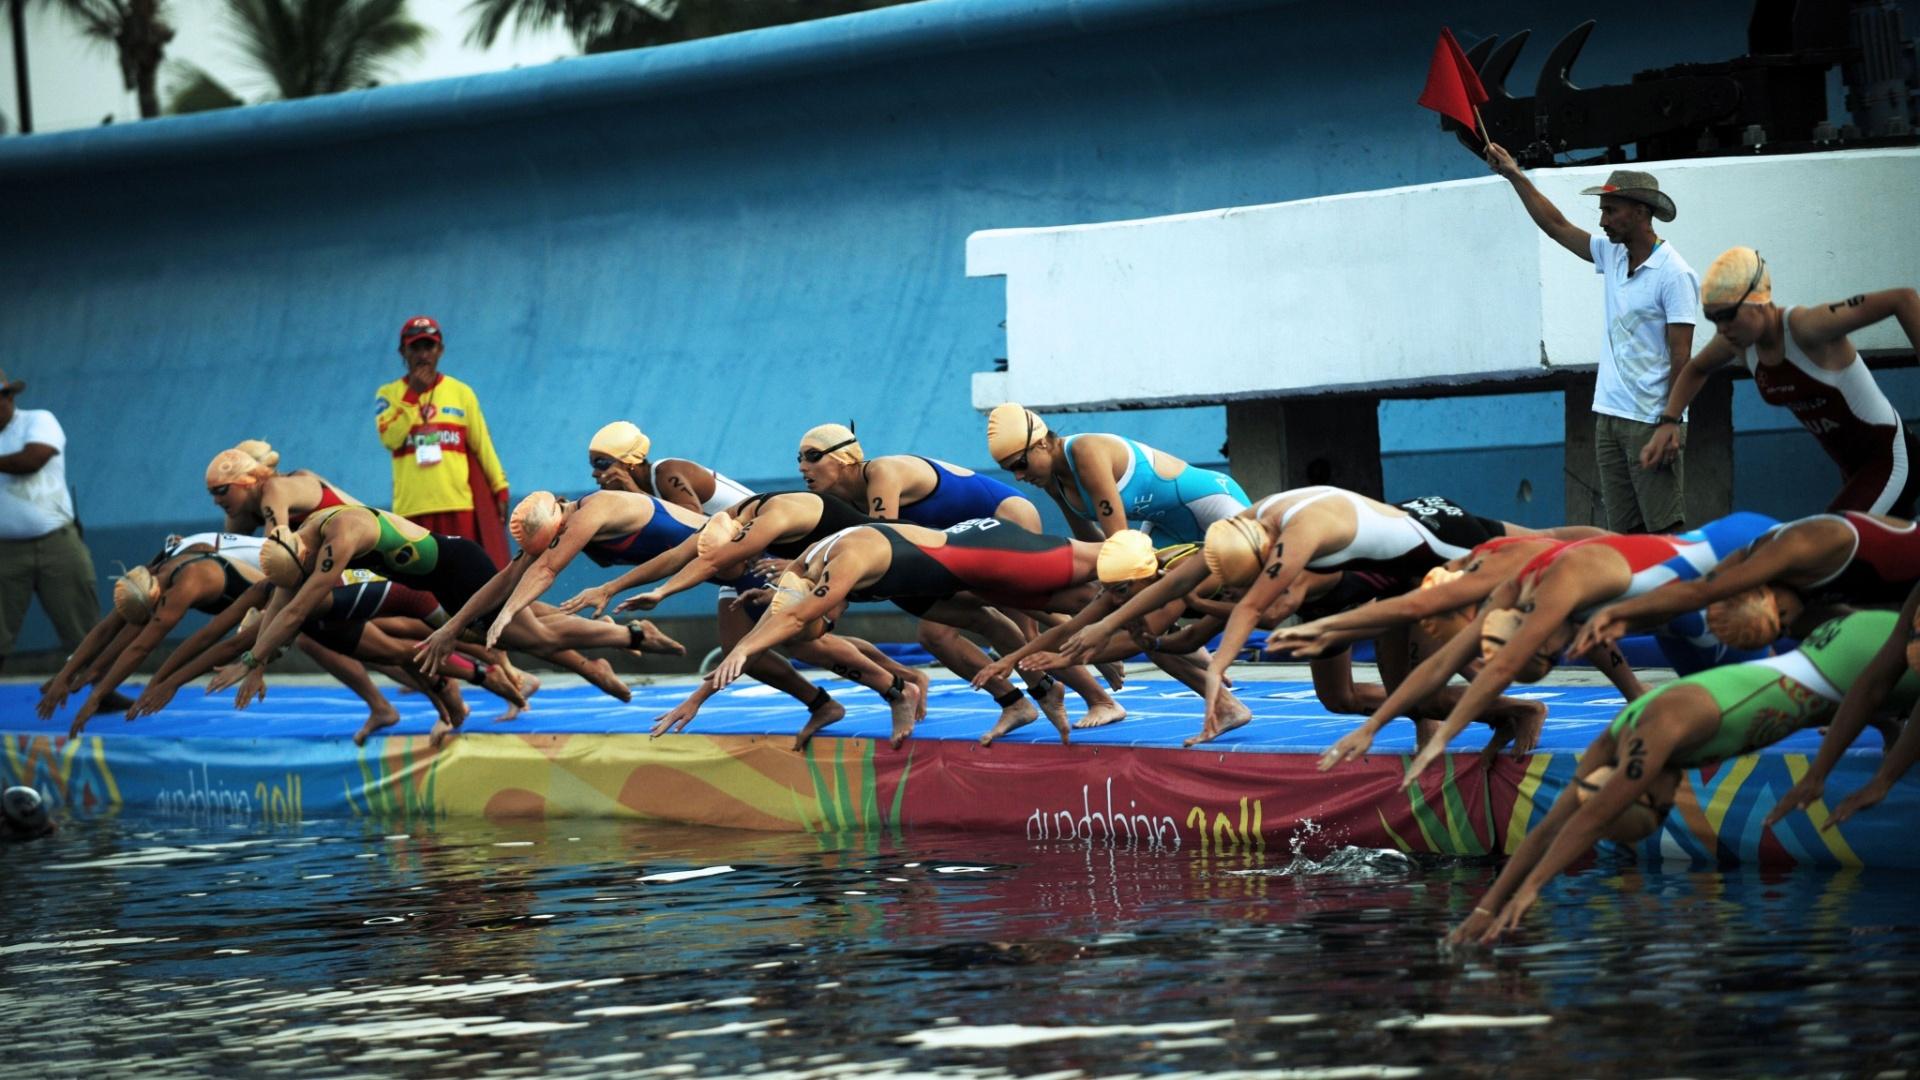 Brasileiras iniciaram a disputa do triatlo feminino neste domingo (23/10/2011)